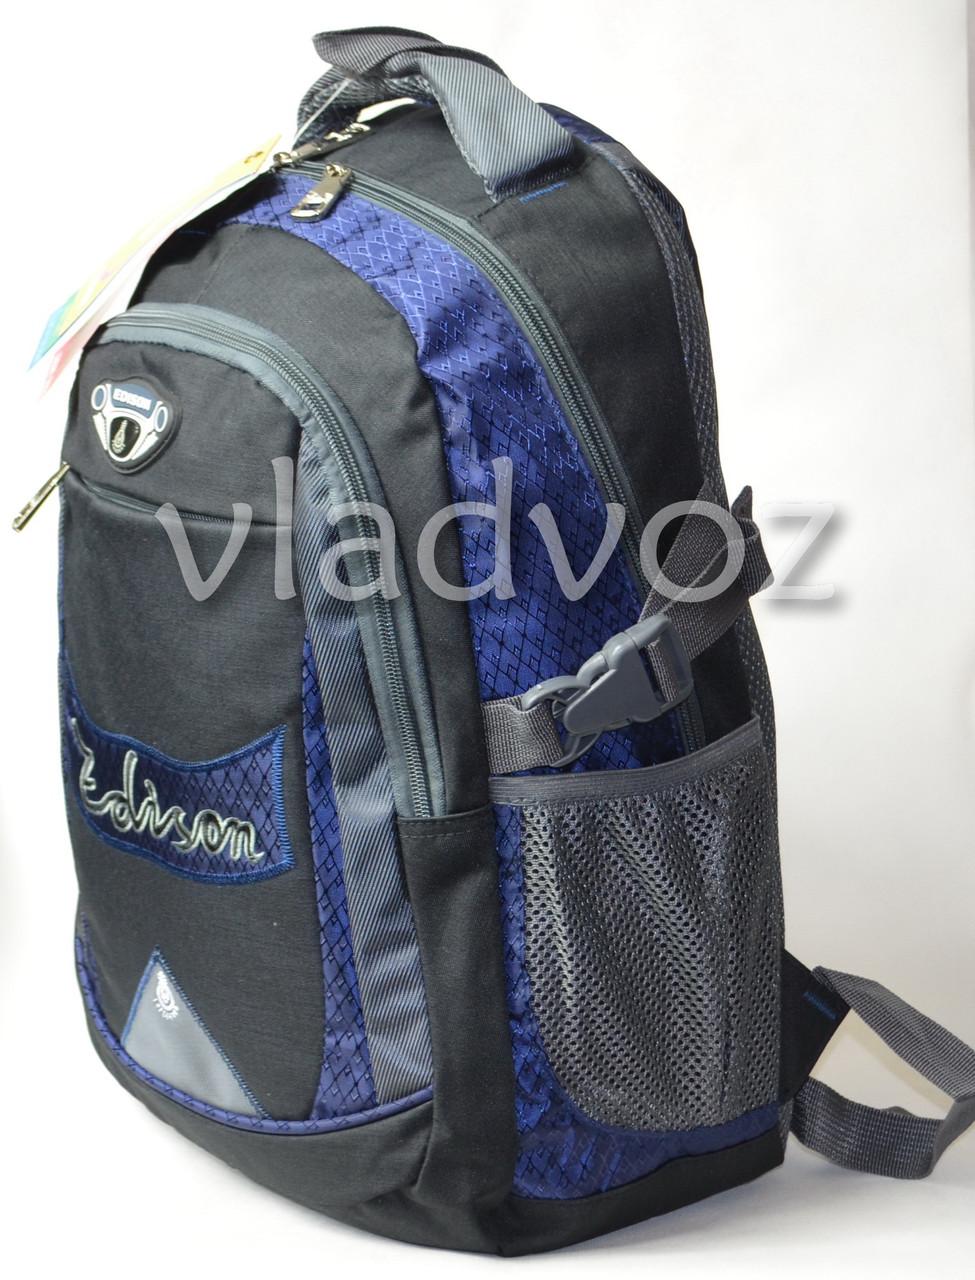 d7a84213d5a6 Школьный рюкзак для мальчиков с ортопедической спинкой Edison черный с  синим - ☎ VIBER 0977864700 интернет